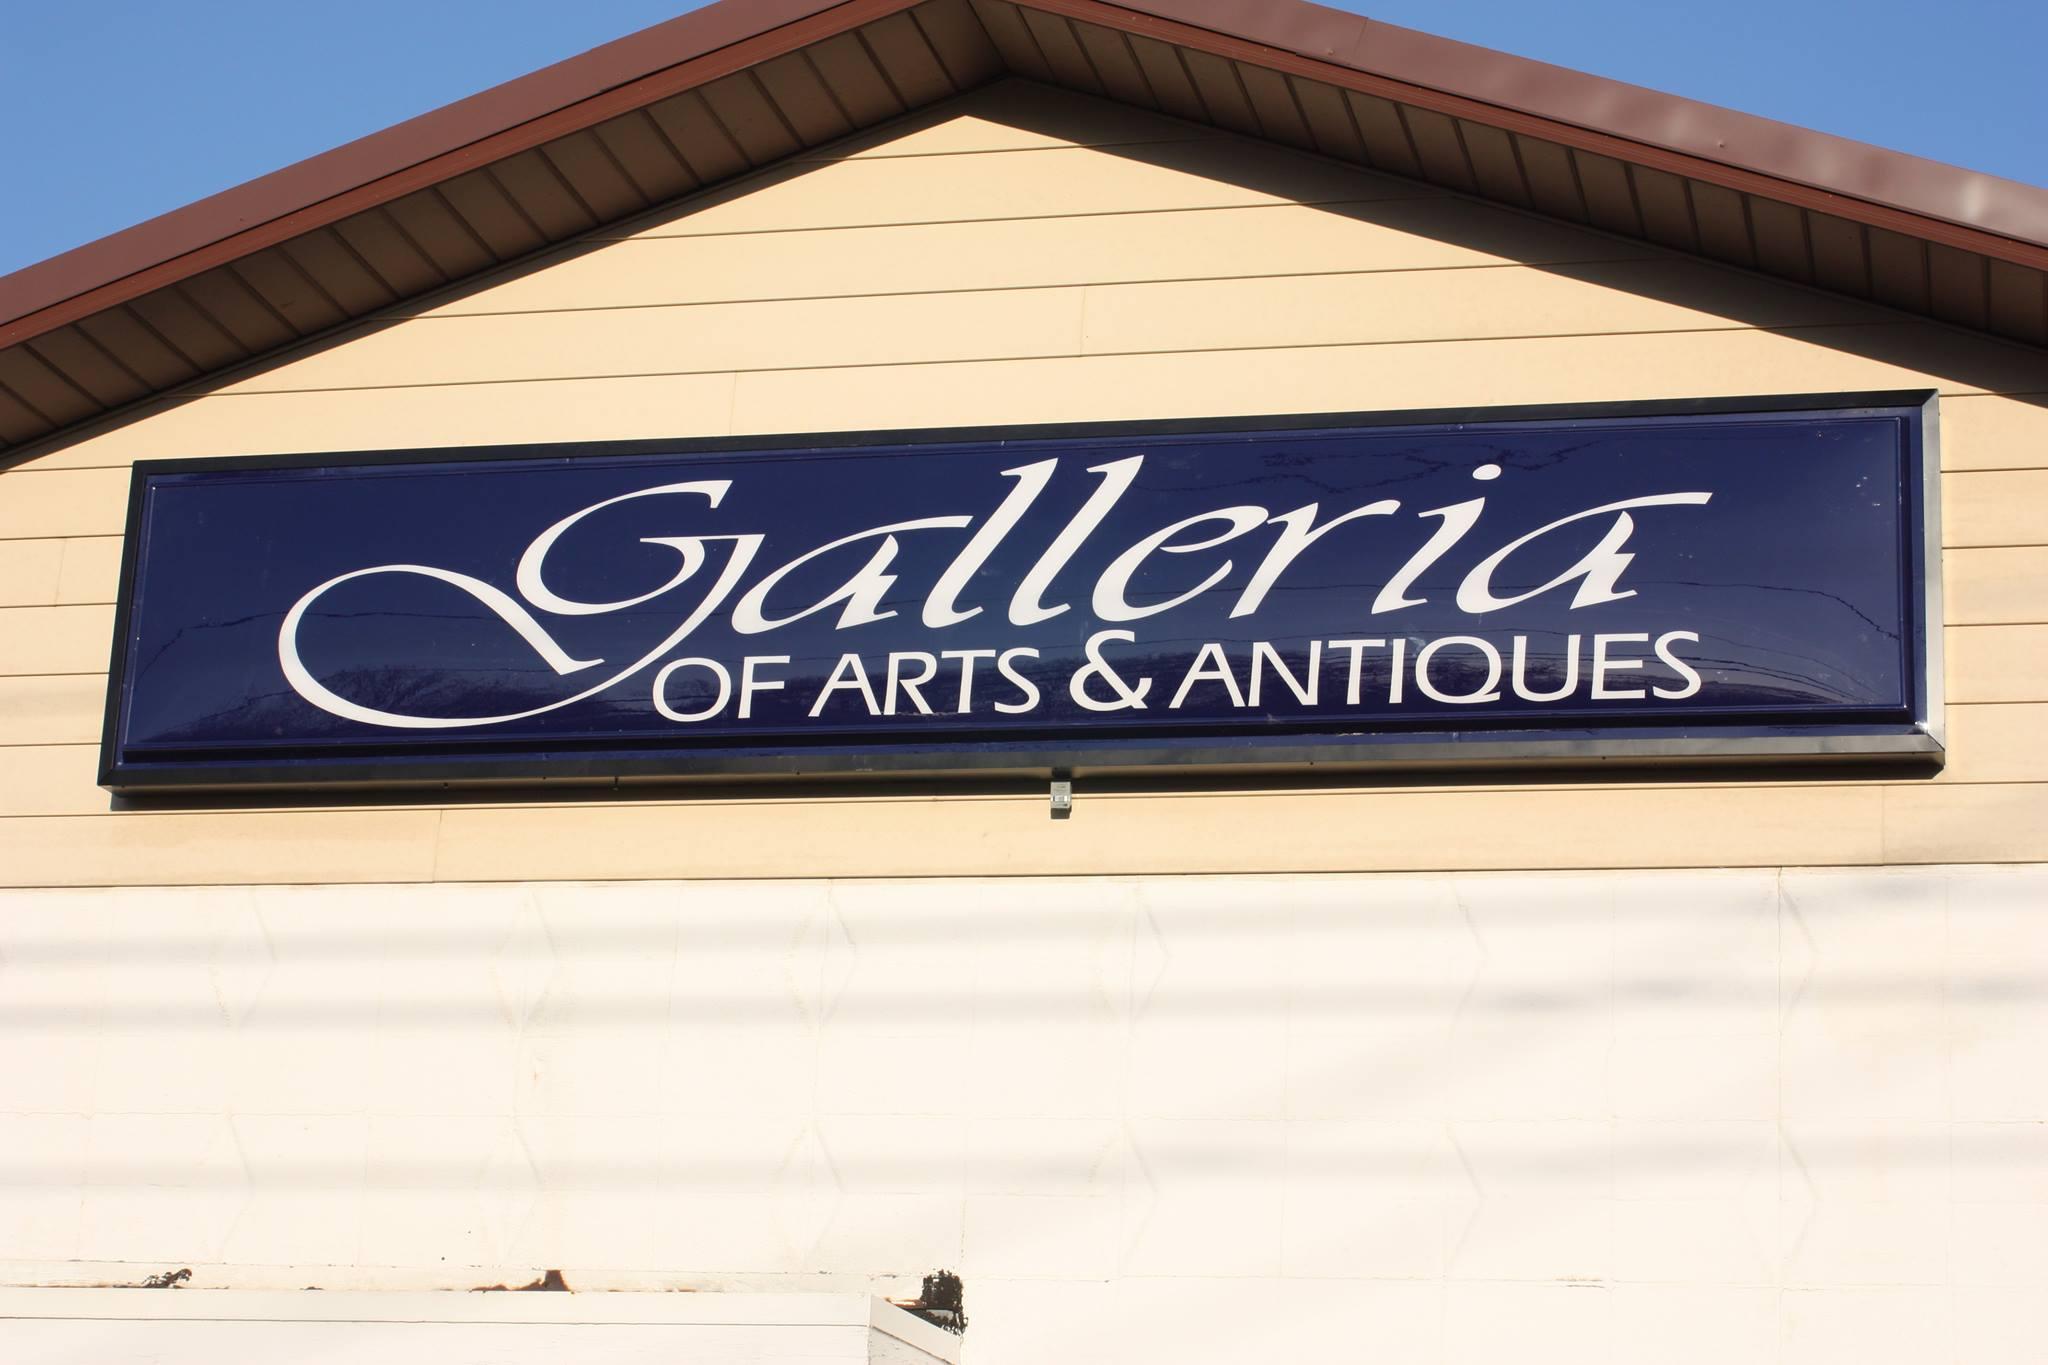 Galleria of Arts & Antiques